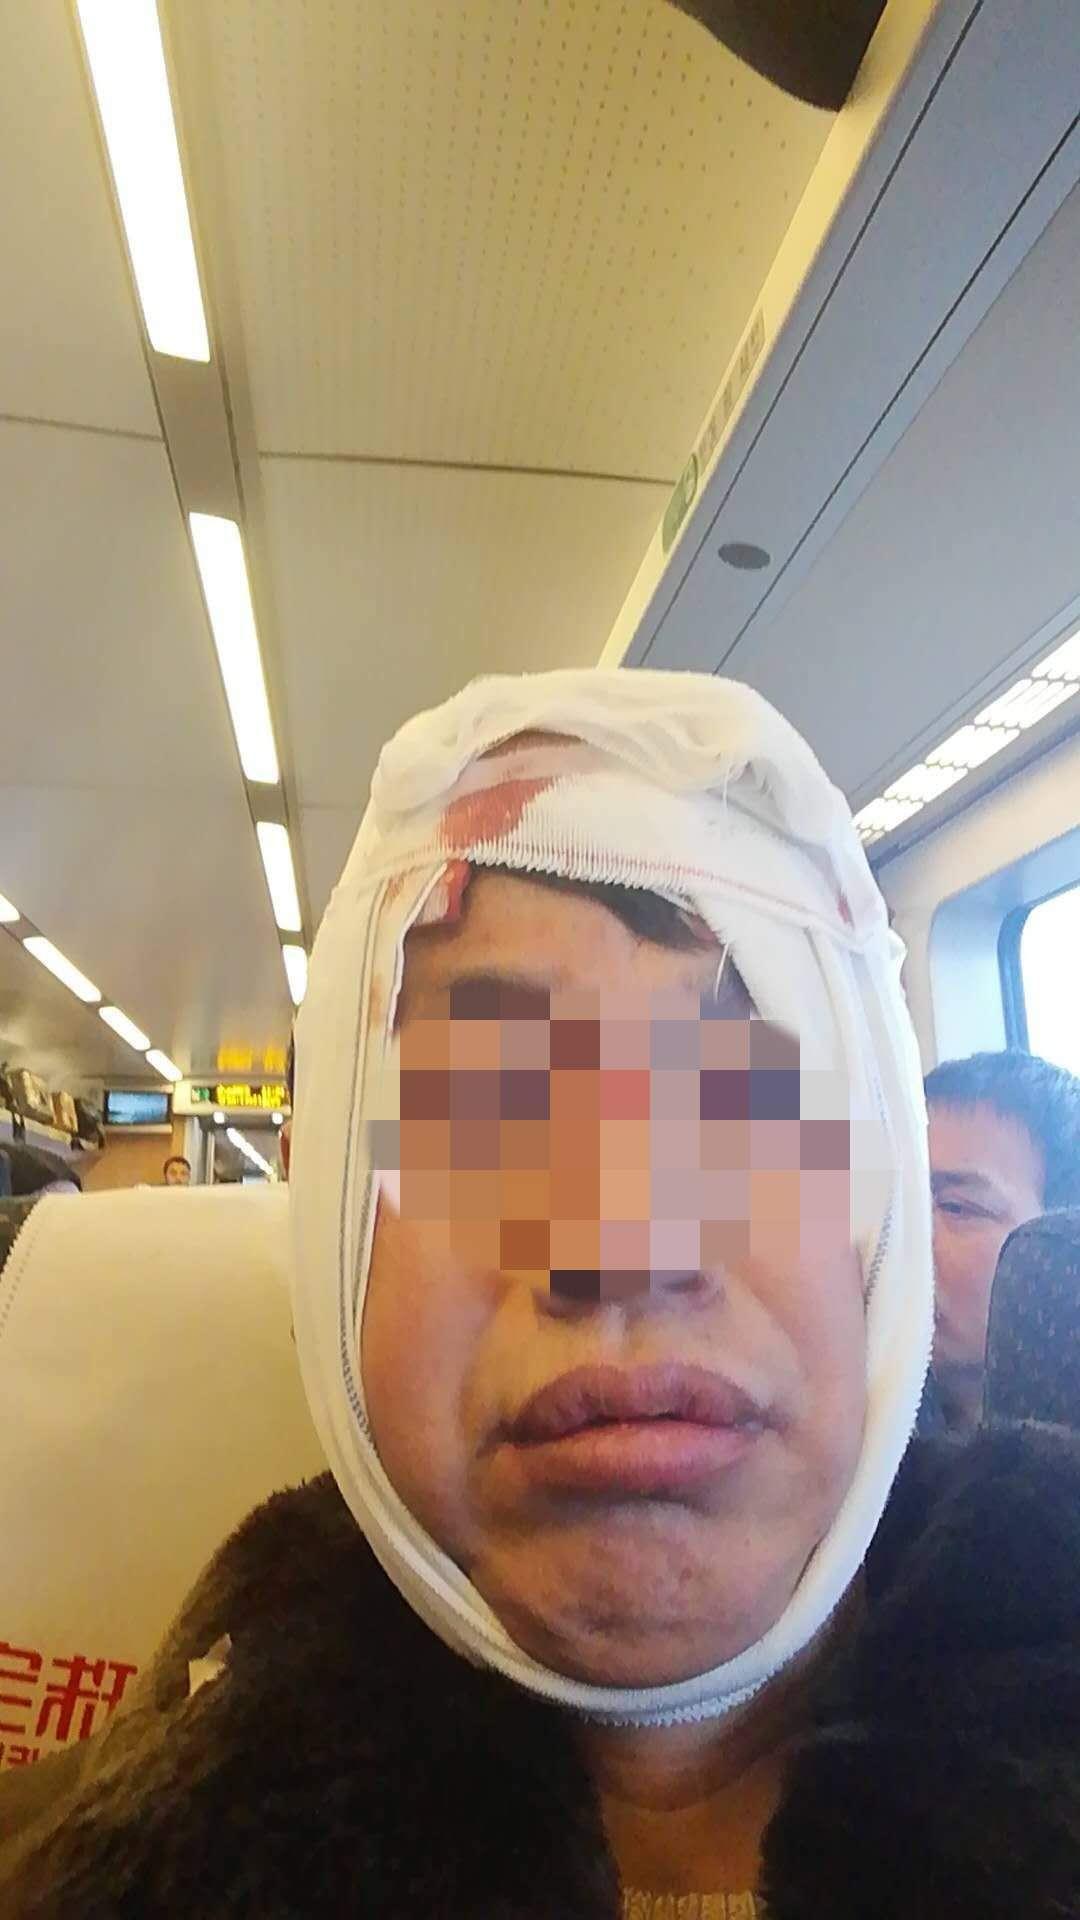 男子乘动车被行李箱砸破头 铁路部门:箱主人已赔偿